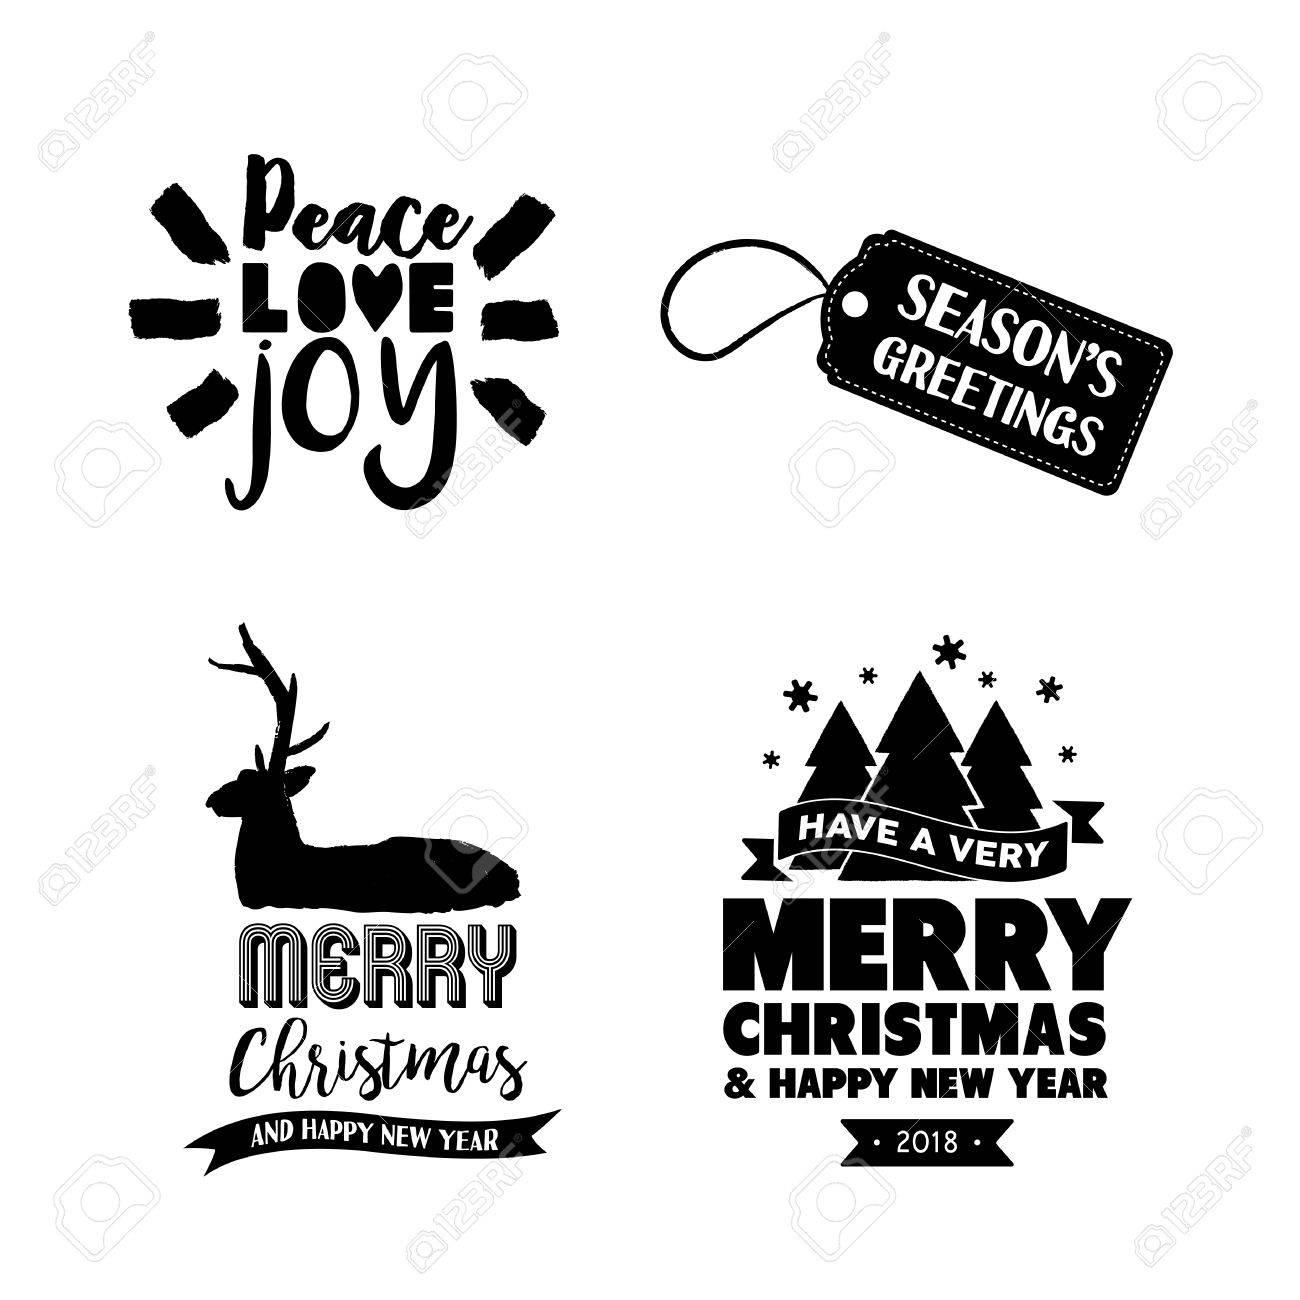 Schriftart Weihnachten.Stock Photo